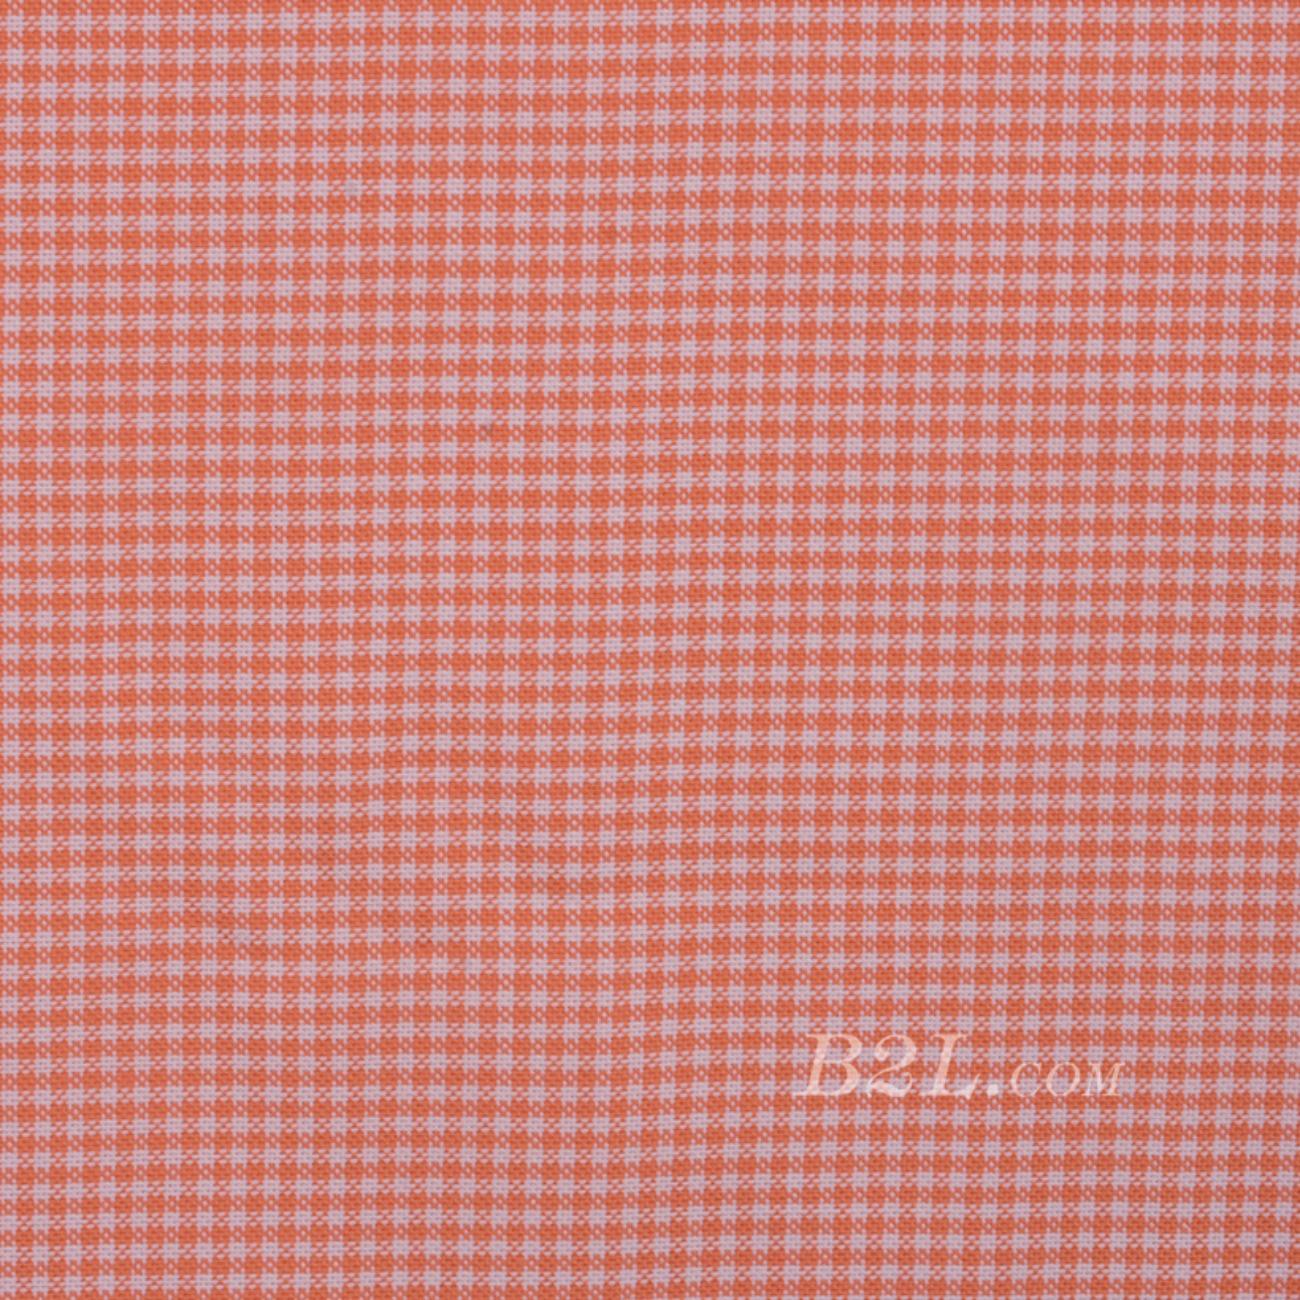 格子 梭织 色织 无弹 休闲时尚风格 衬衫 连衣裙 短裙 棉感 薄 全棉色织布 春夏秋 60929-125